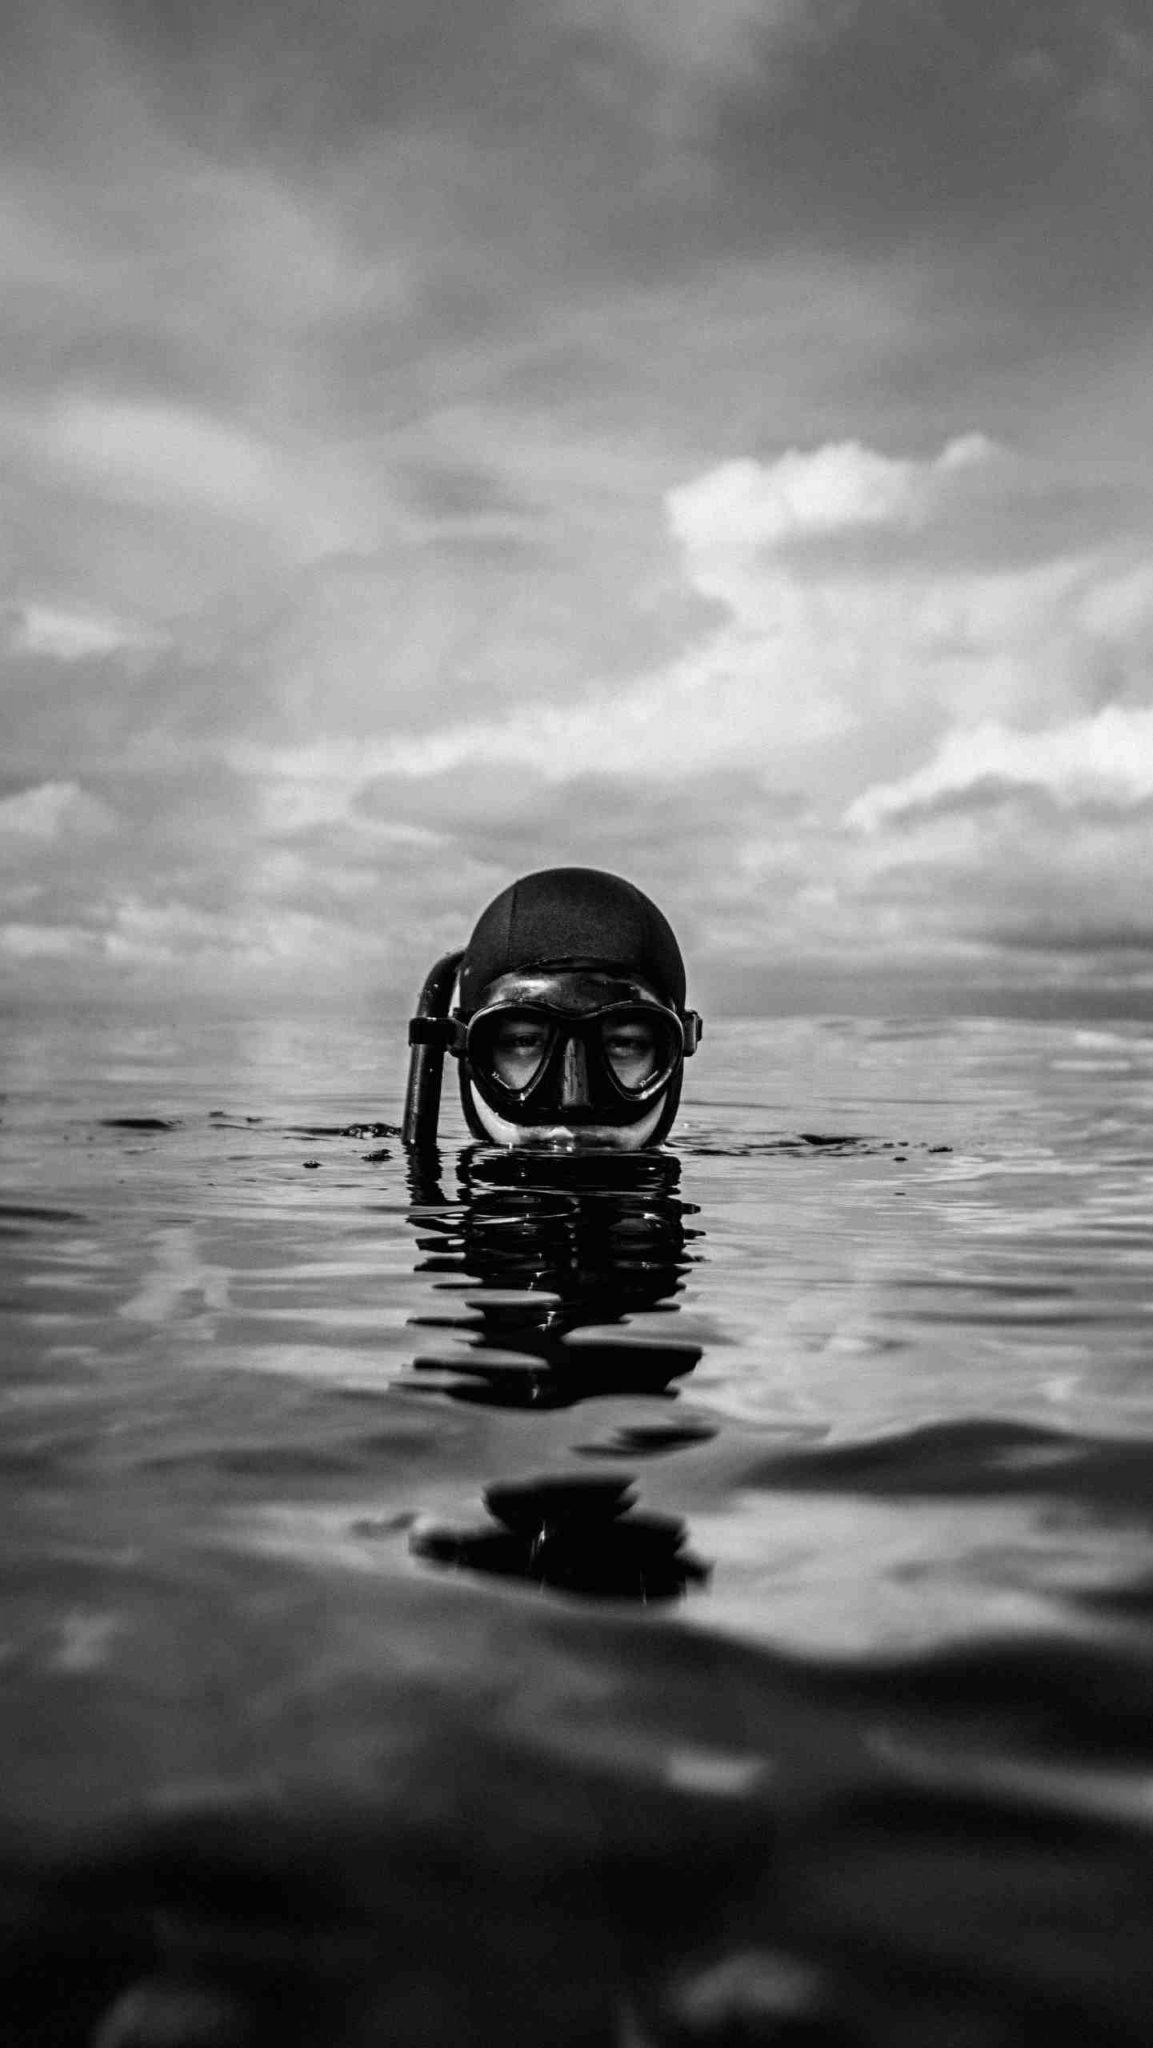 Meilleurs masques de plongée sous-marine 2021, examinés et testés